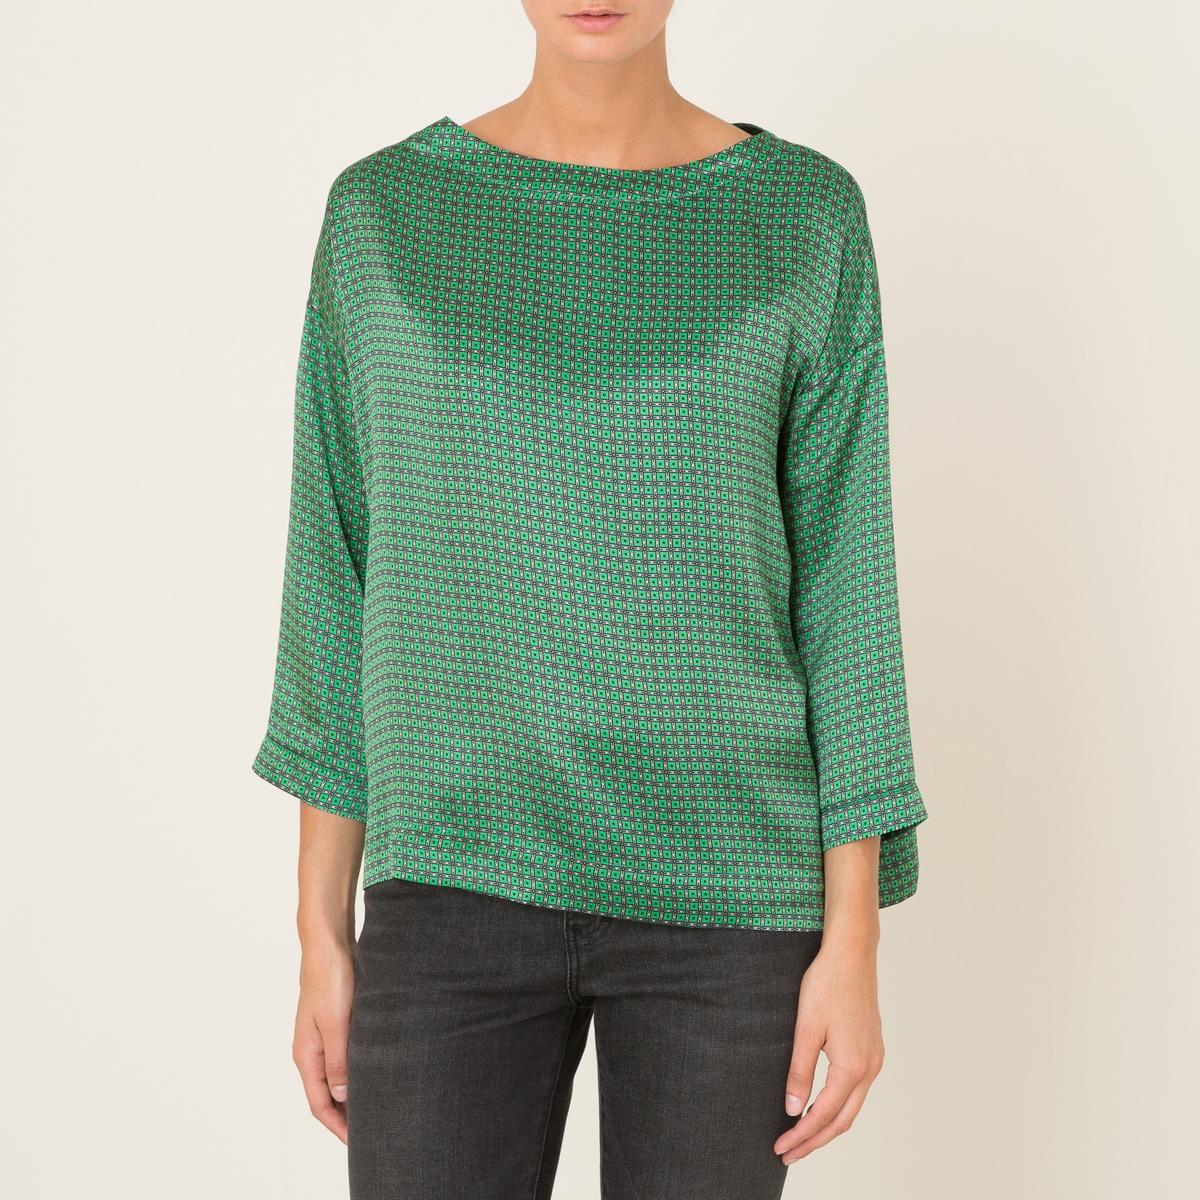 Блузка BACCOБлузка MOMONI - модель BACCO 100% шелка  . Объемный покрой. Вырез-лодочка. Рукава 3/4. Сплошной графический принт .Состав и описание :Материал : 100% шелка.Марка : MOMONI<br><br>Цвет: зеленый<br>Размер: XL